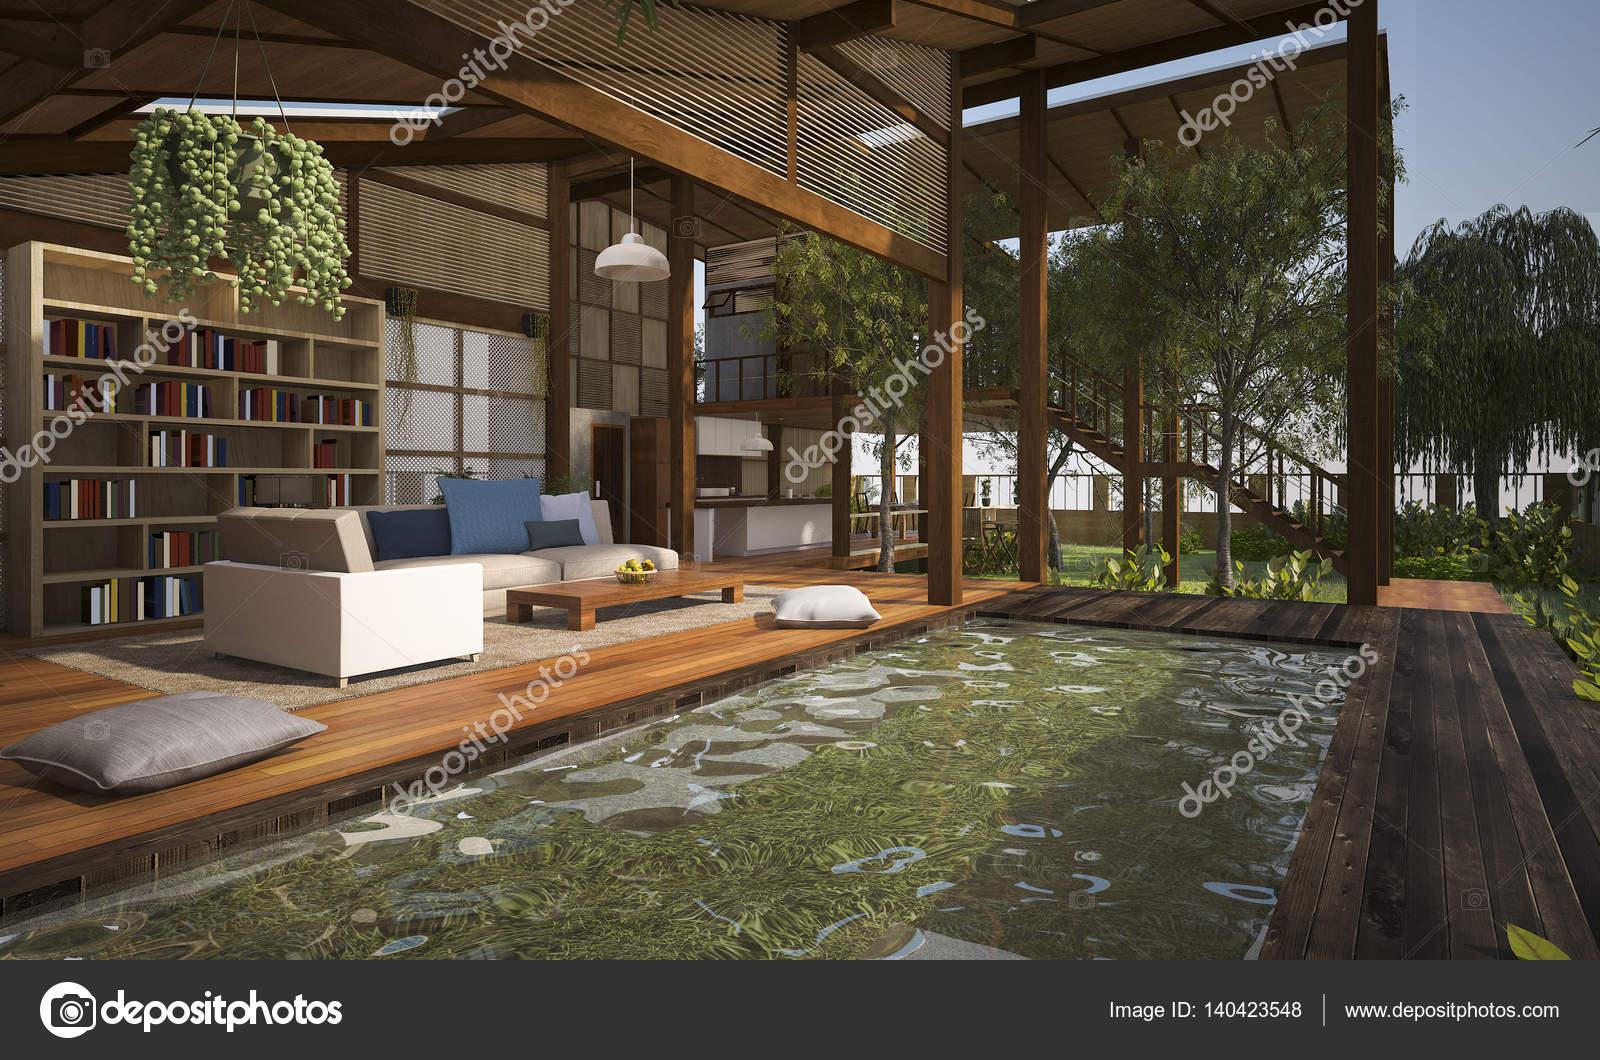 D rendering eigentijds hout wonen terras en lounge met zwembad